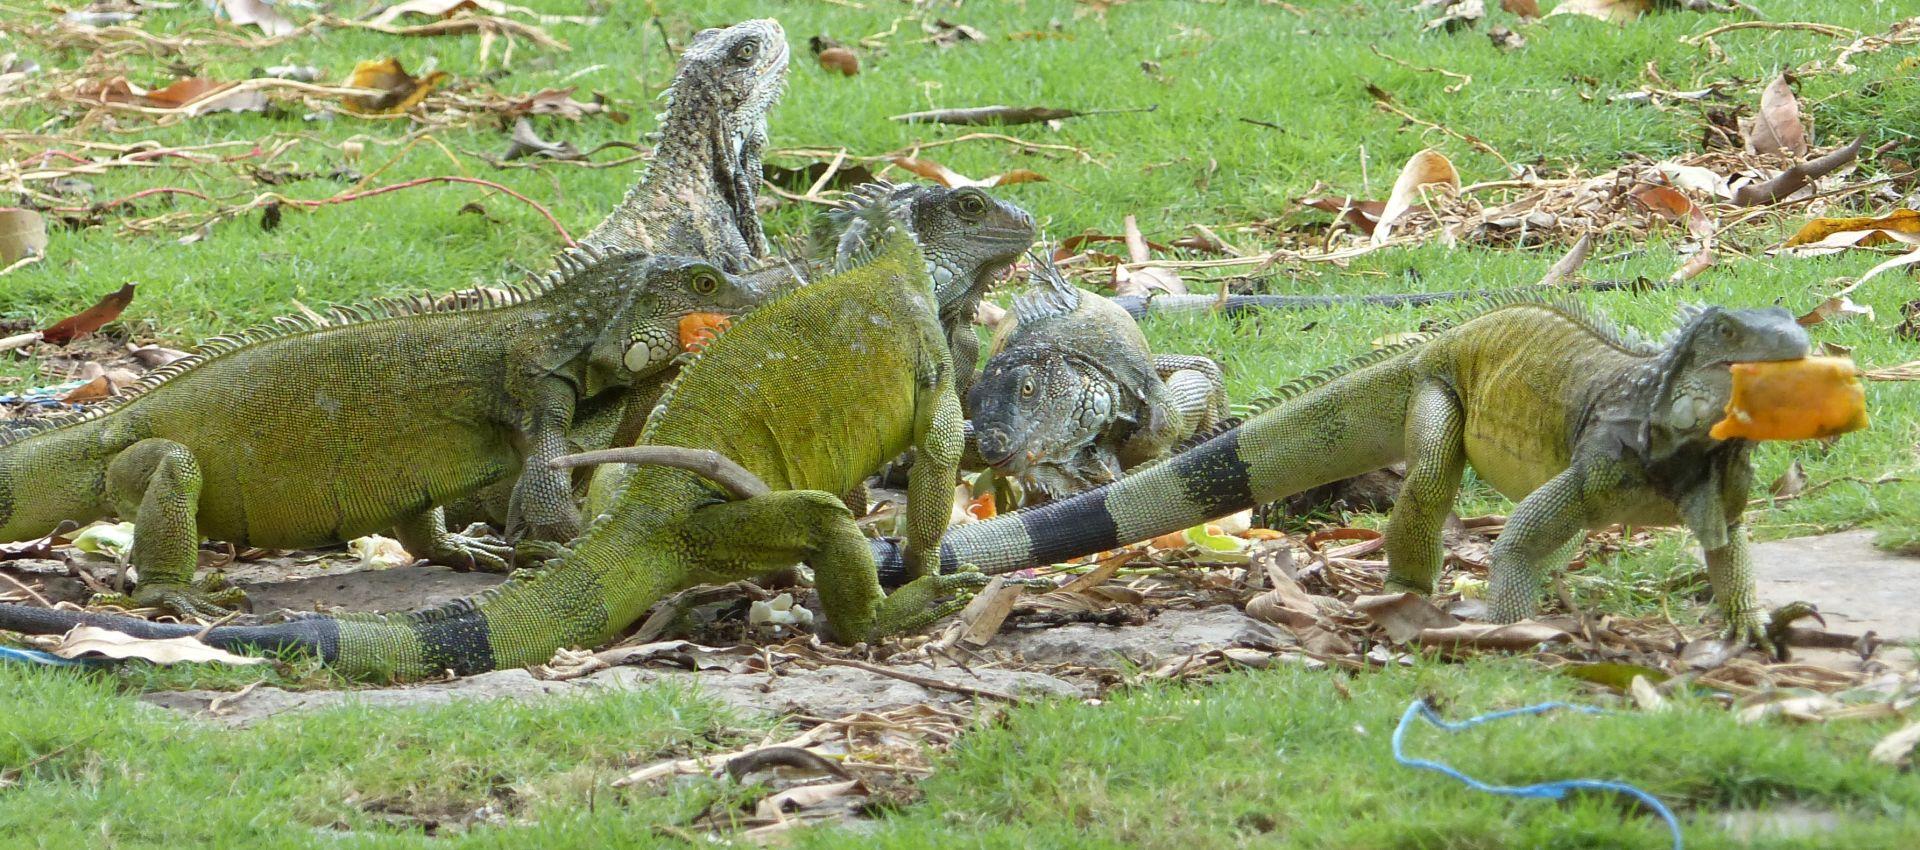 P2970706 six iguanas